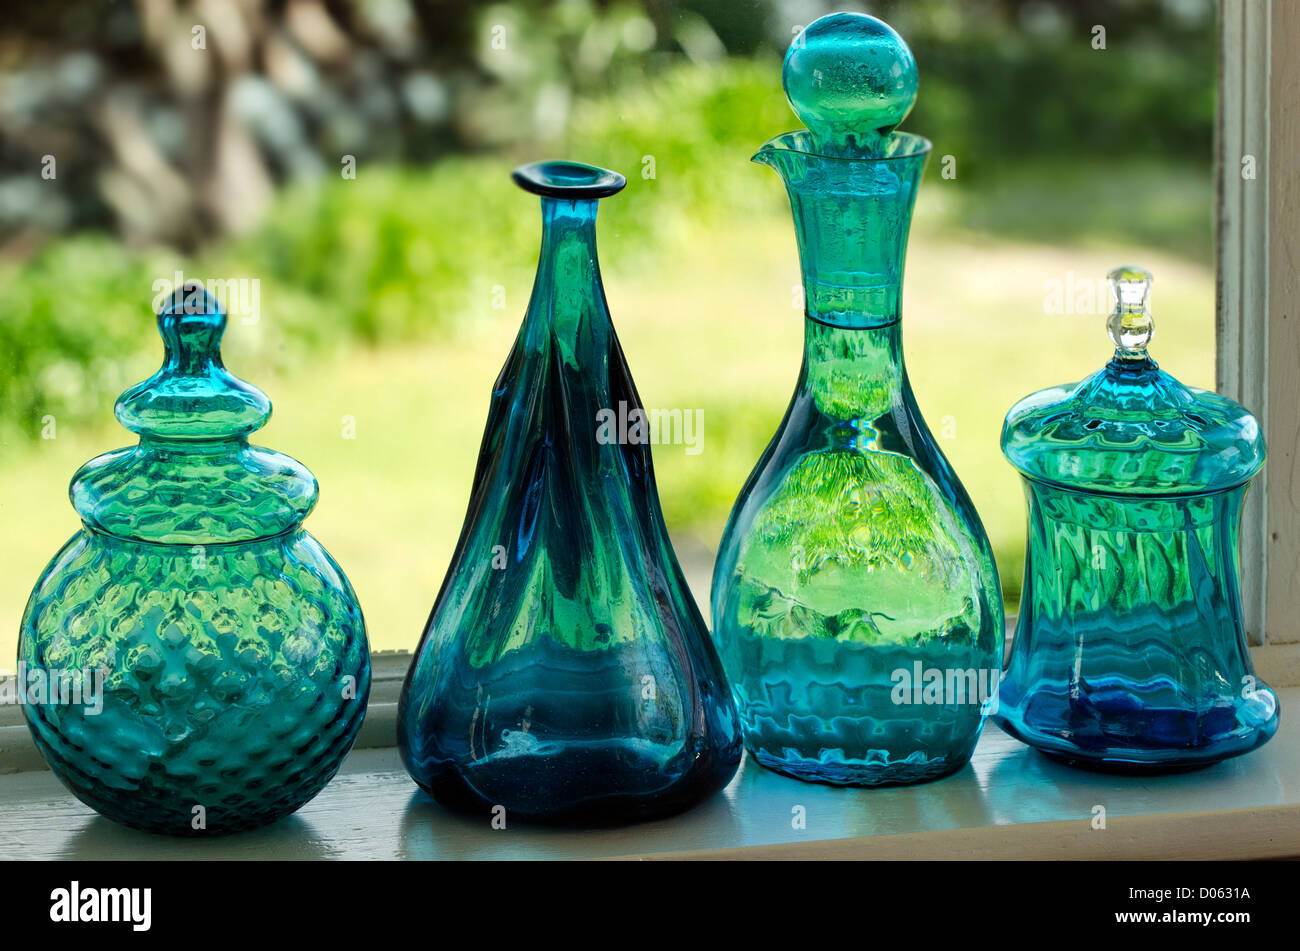 Vert unique verrerie sur fenêtre de la cuisine. Banque D'Images